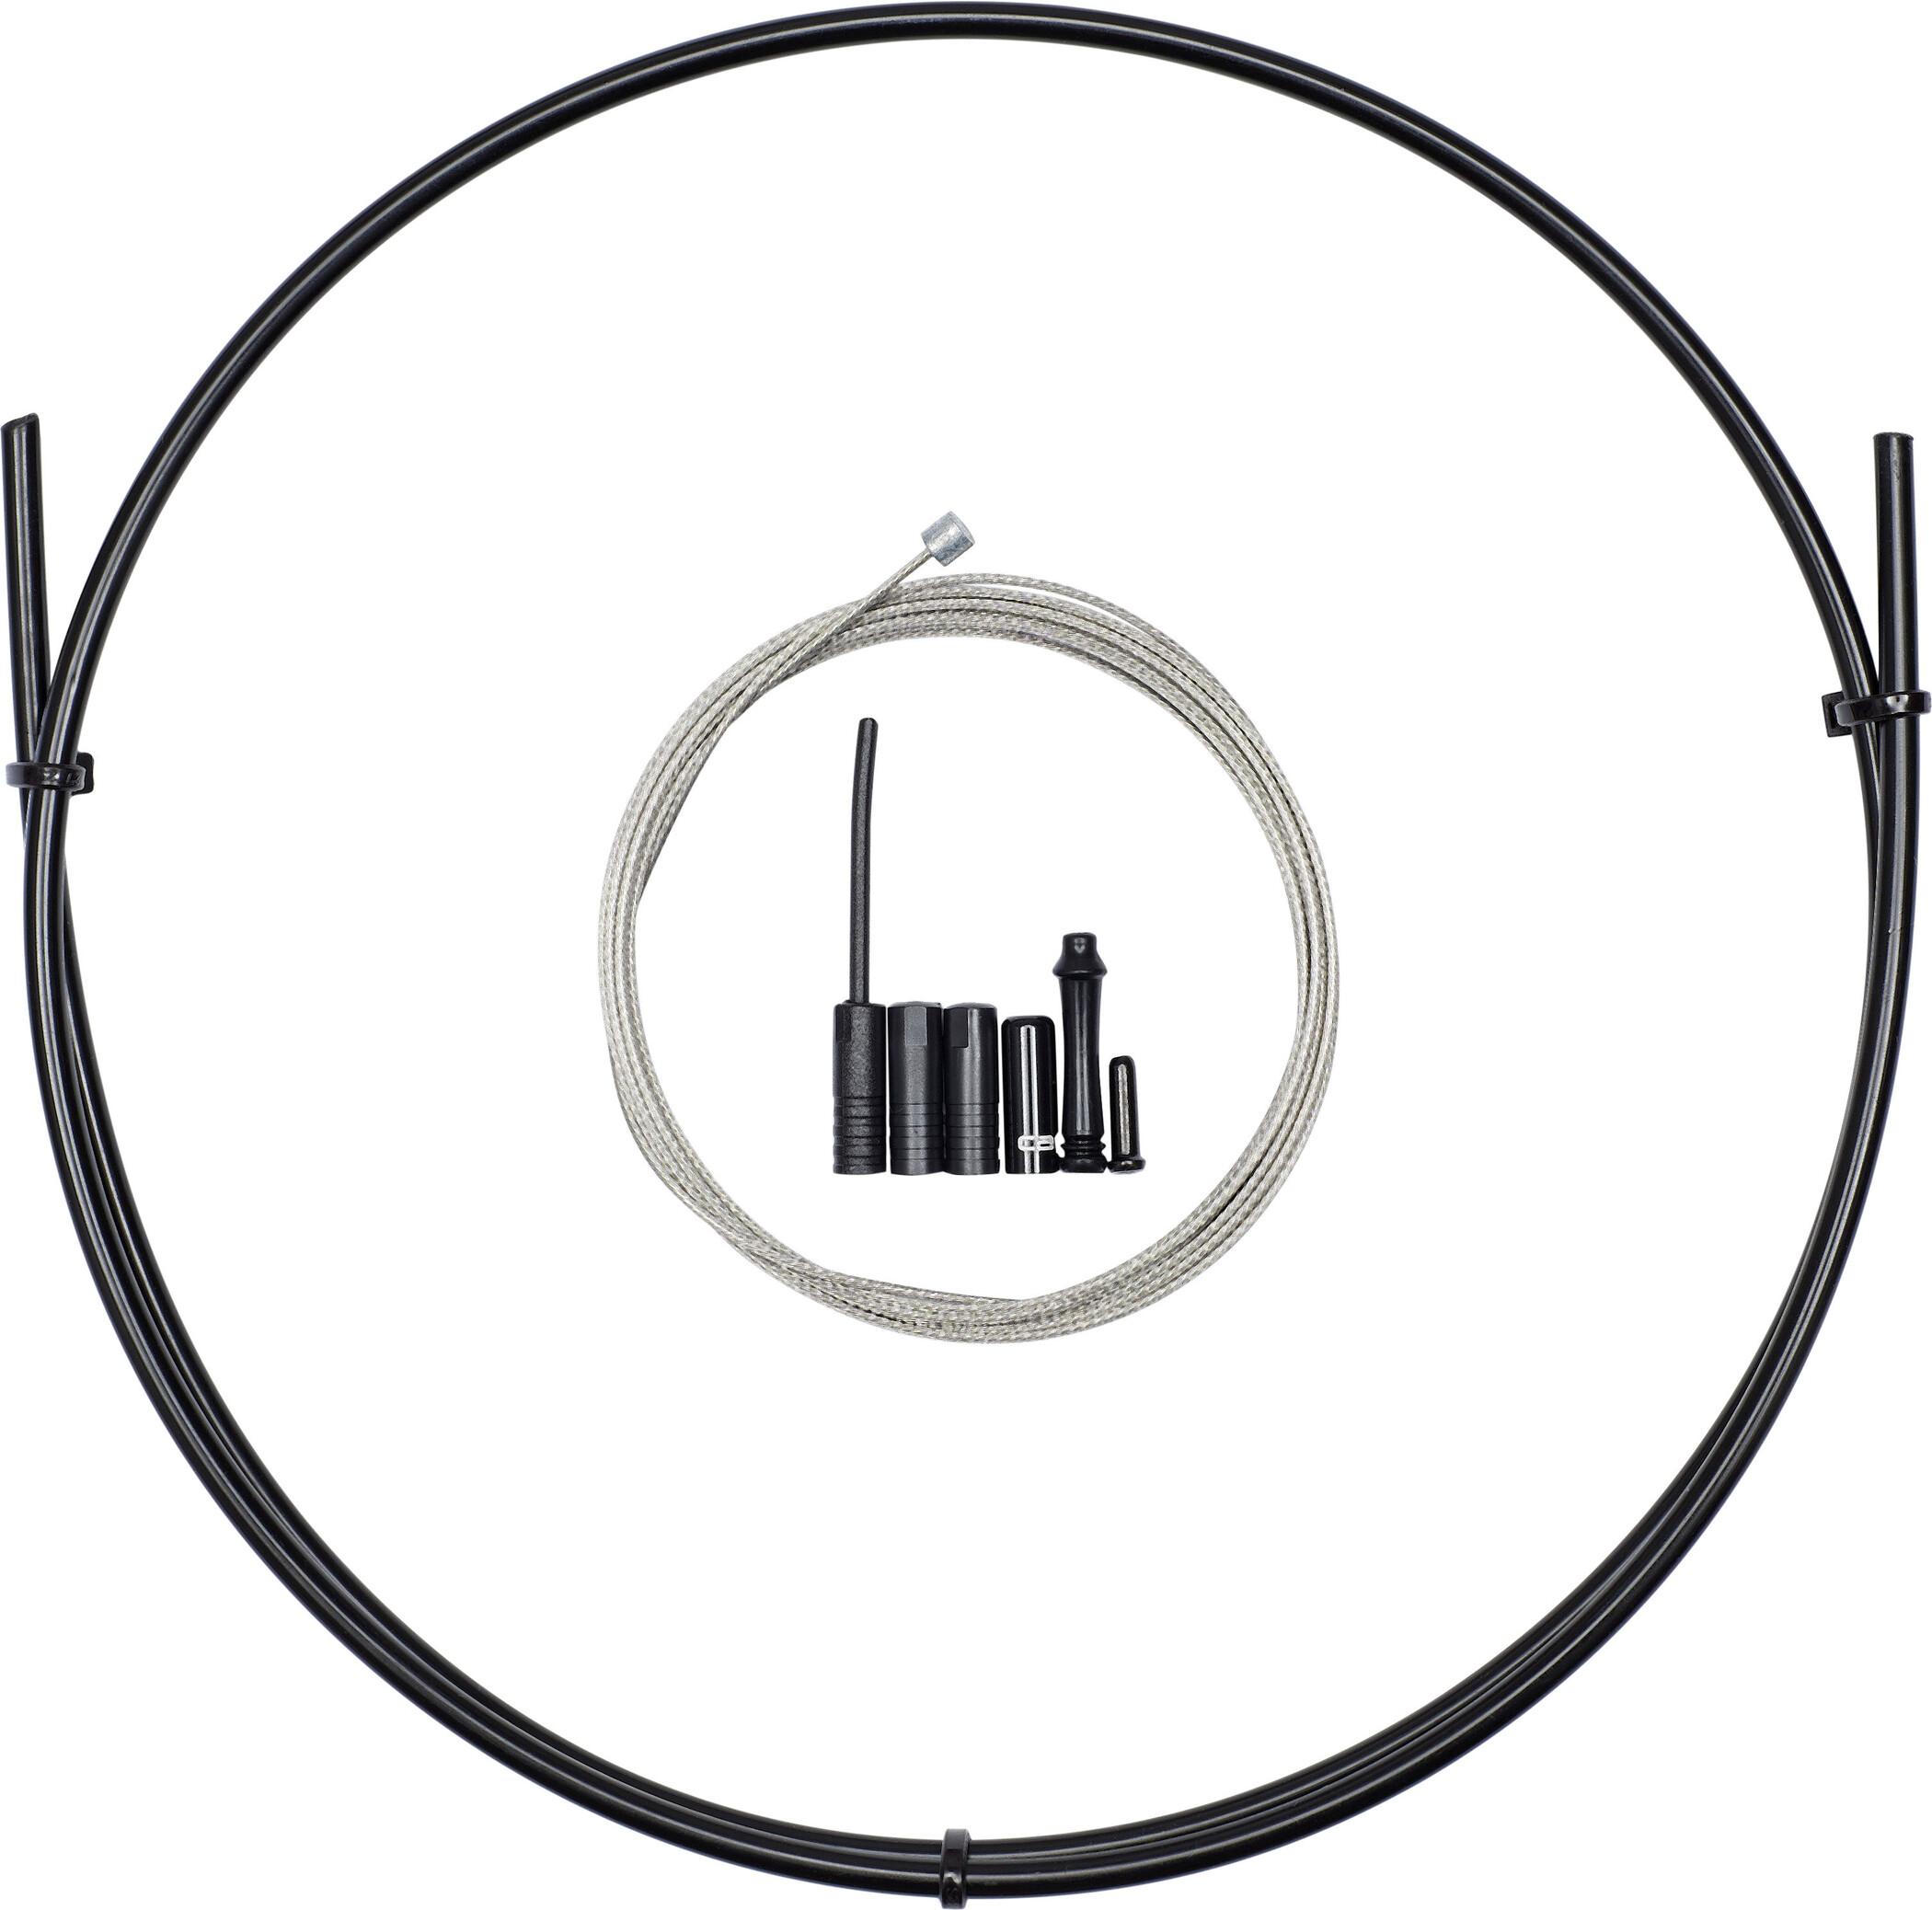 capgo BL Gearkabelsæt til Shimano/SRAM Front & ATB/Road, black (2020)   Gearkabler og wire